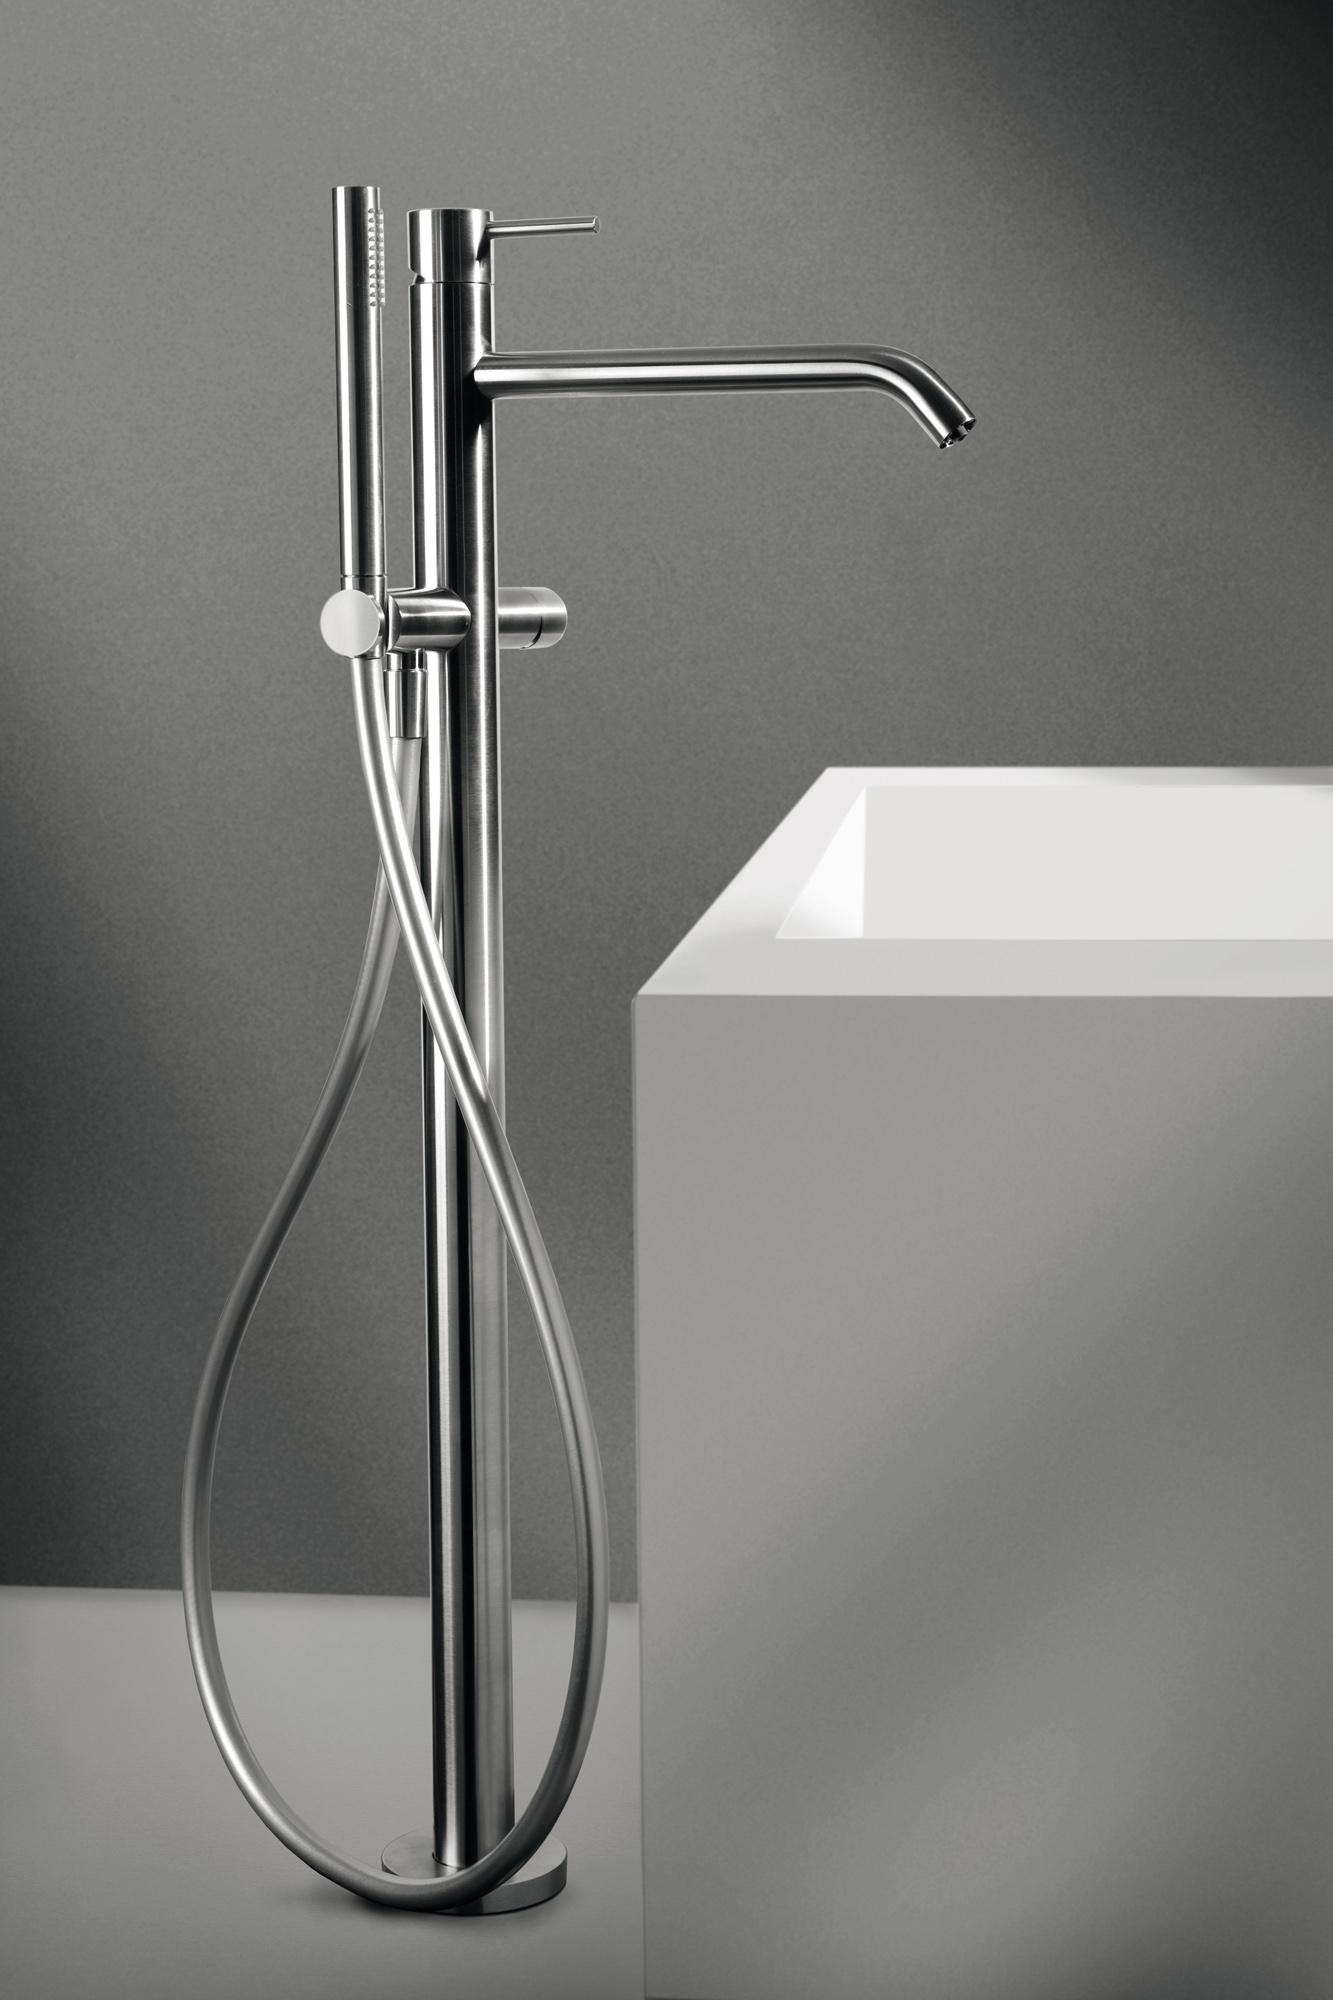 Bodenwand Ventil CleoSteel 48 Bad, komplett mit Dusche. Fertig Edelstahl gebürstet